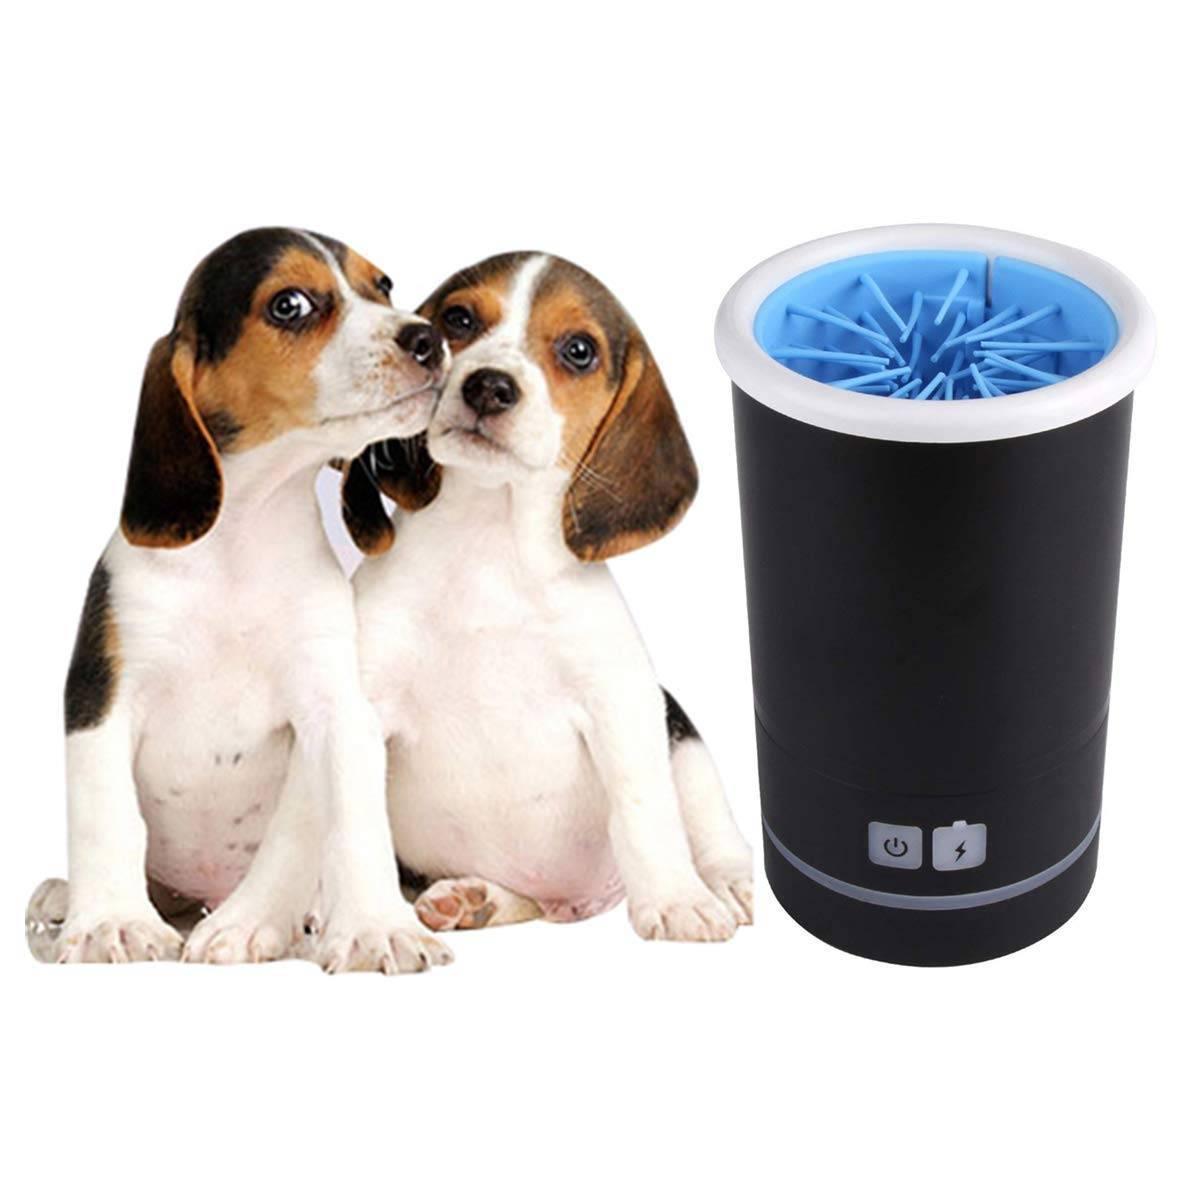 Лапомойка для собак: какую выбрать, для больших, отзывы, видео